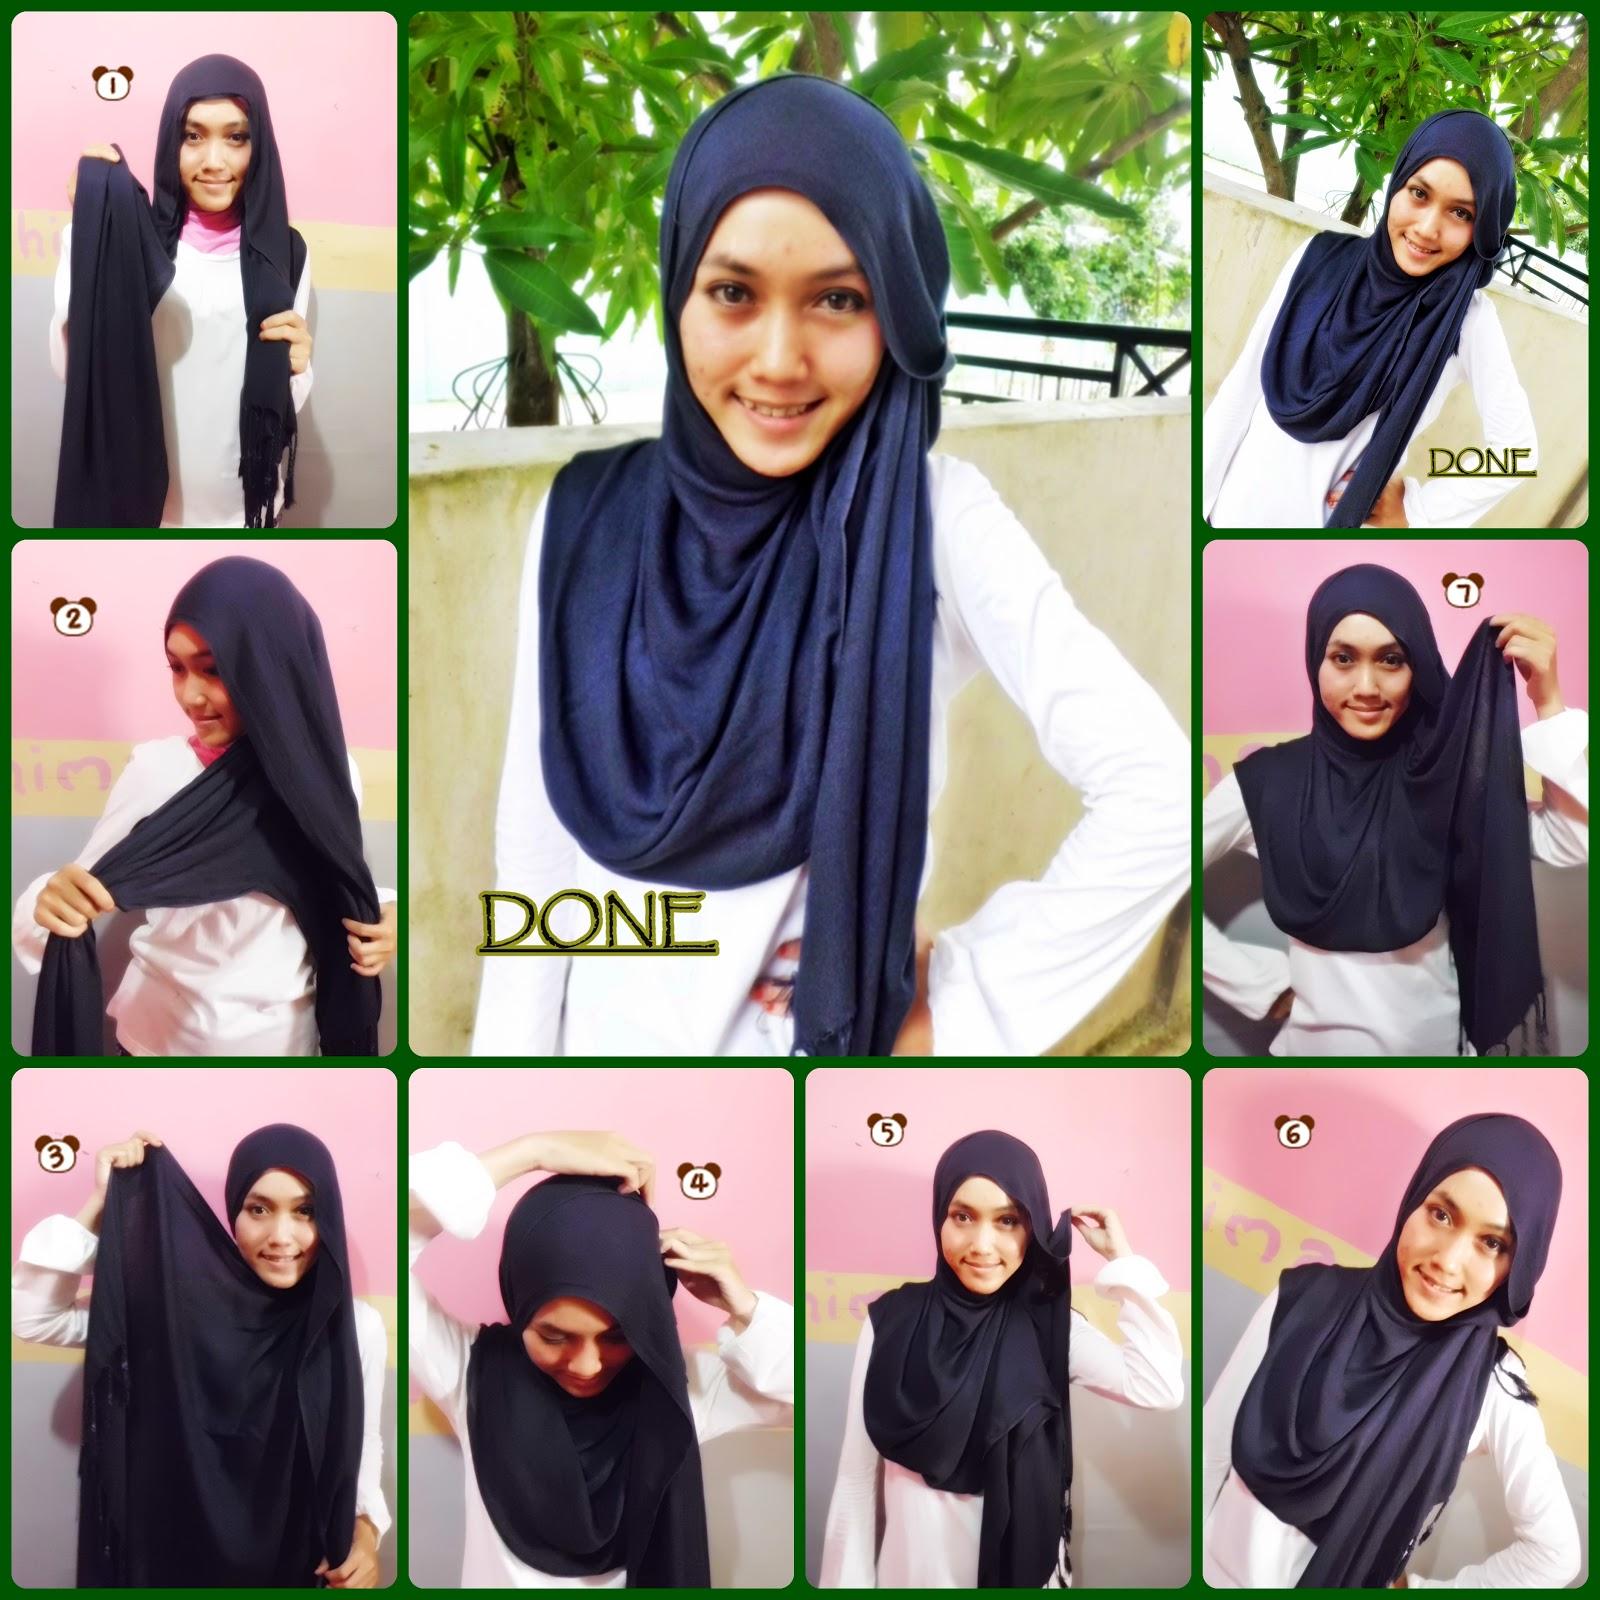 Tutorial Hijab Pashmina Kaos Obatbatukberdarah